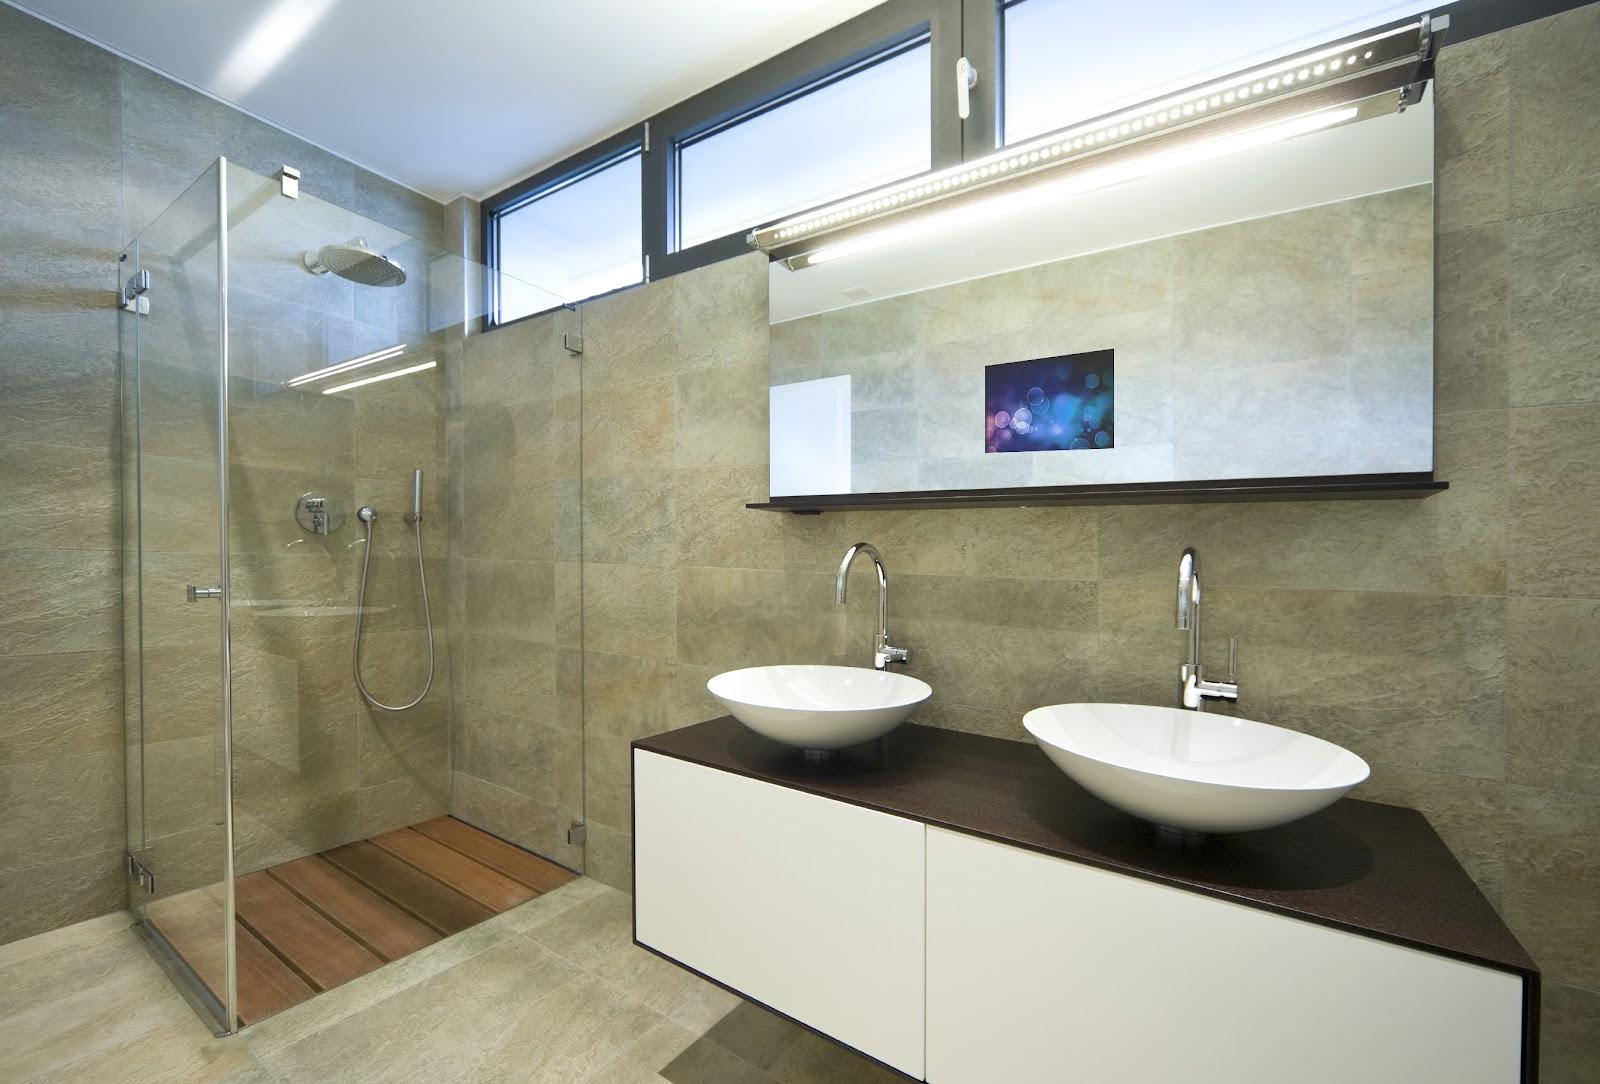 Телевизор над раковиной в интерьере ванной